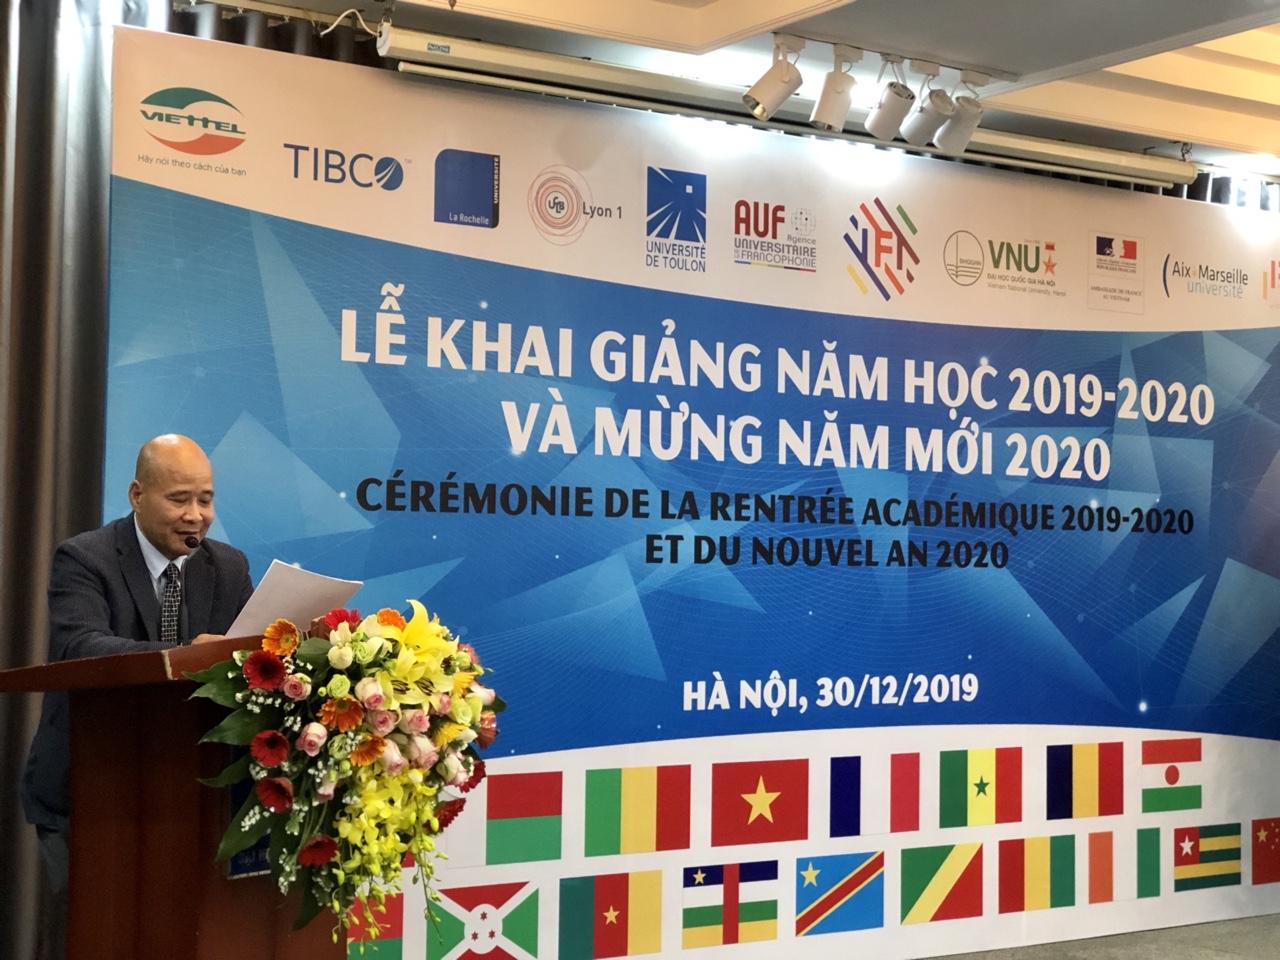 Toàn văn bài phát biểu của Chủ tịch Hội đồng KH&ĐT/Viện trưởng IFI